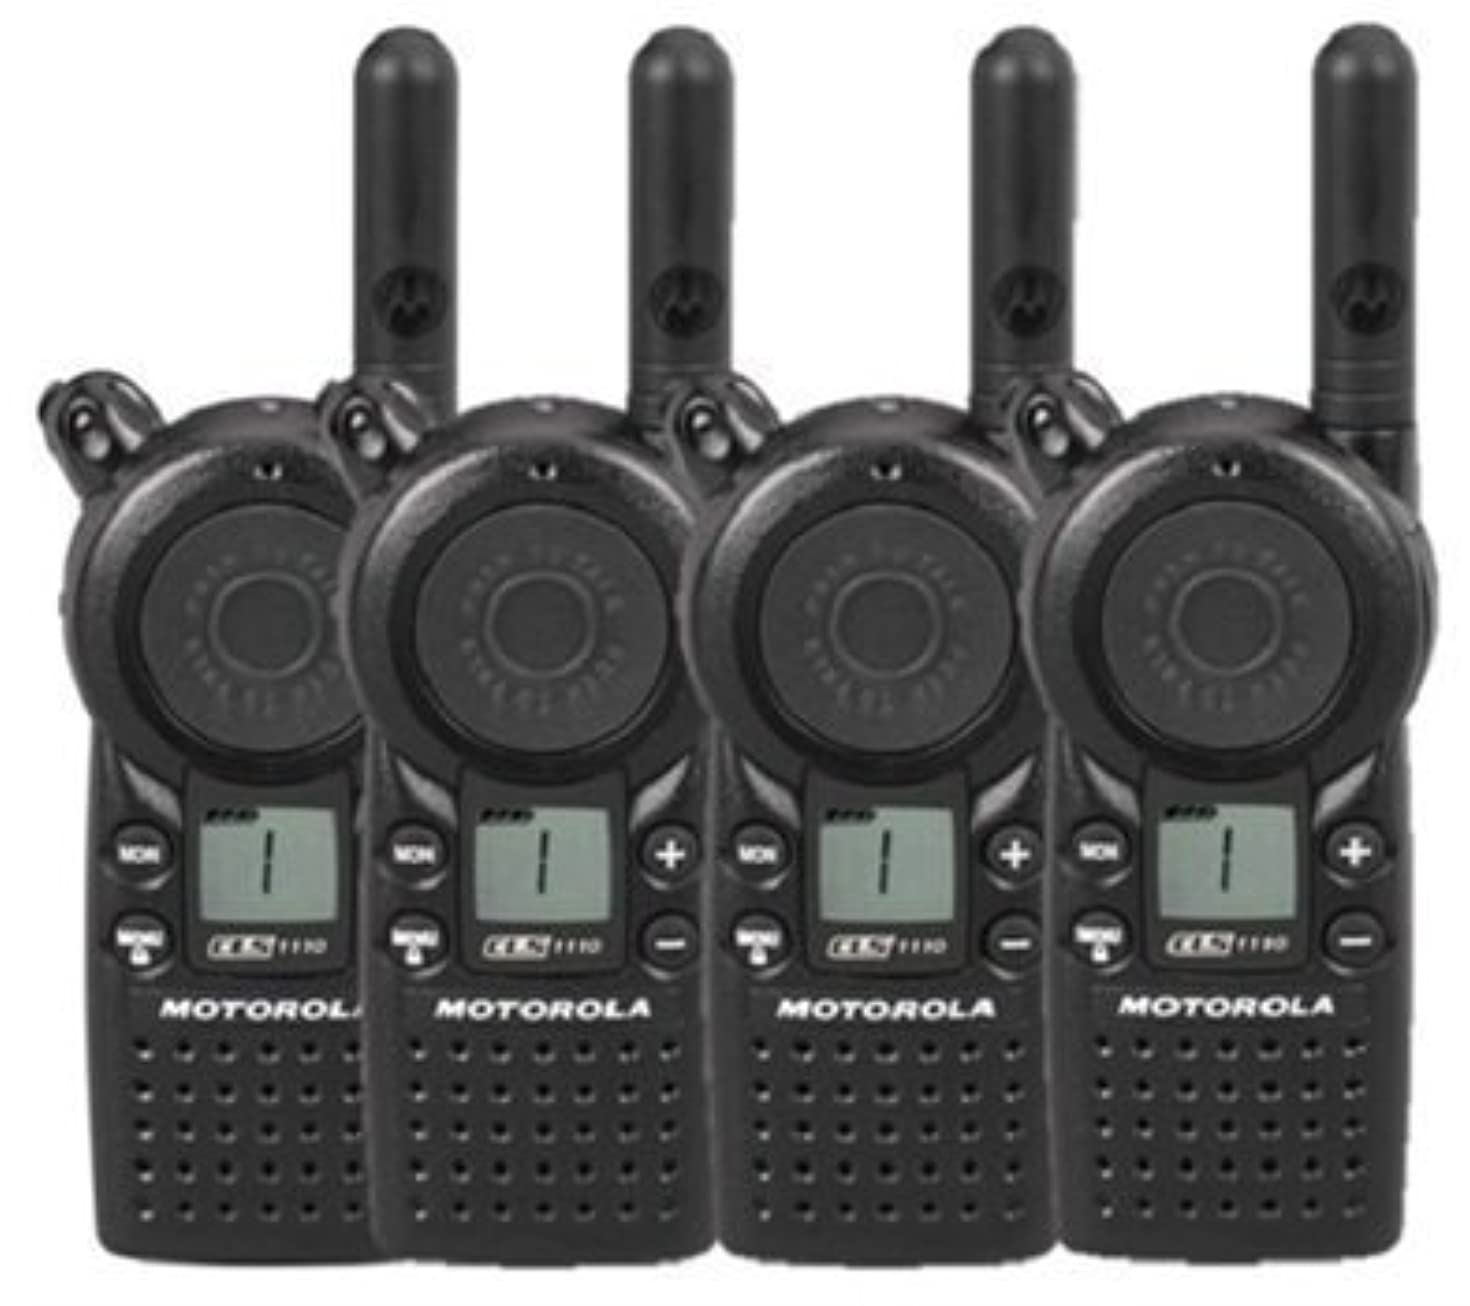 4 Pack of Motorola CLS1110 Two Way Radio Walkie Talkies (UHF)